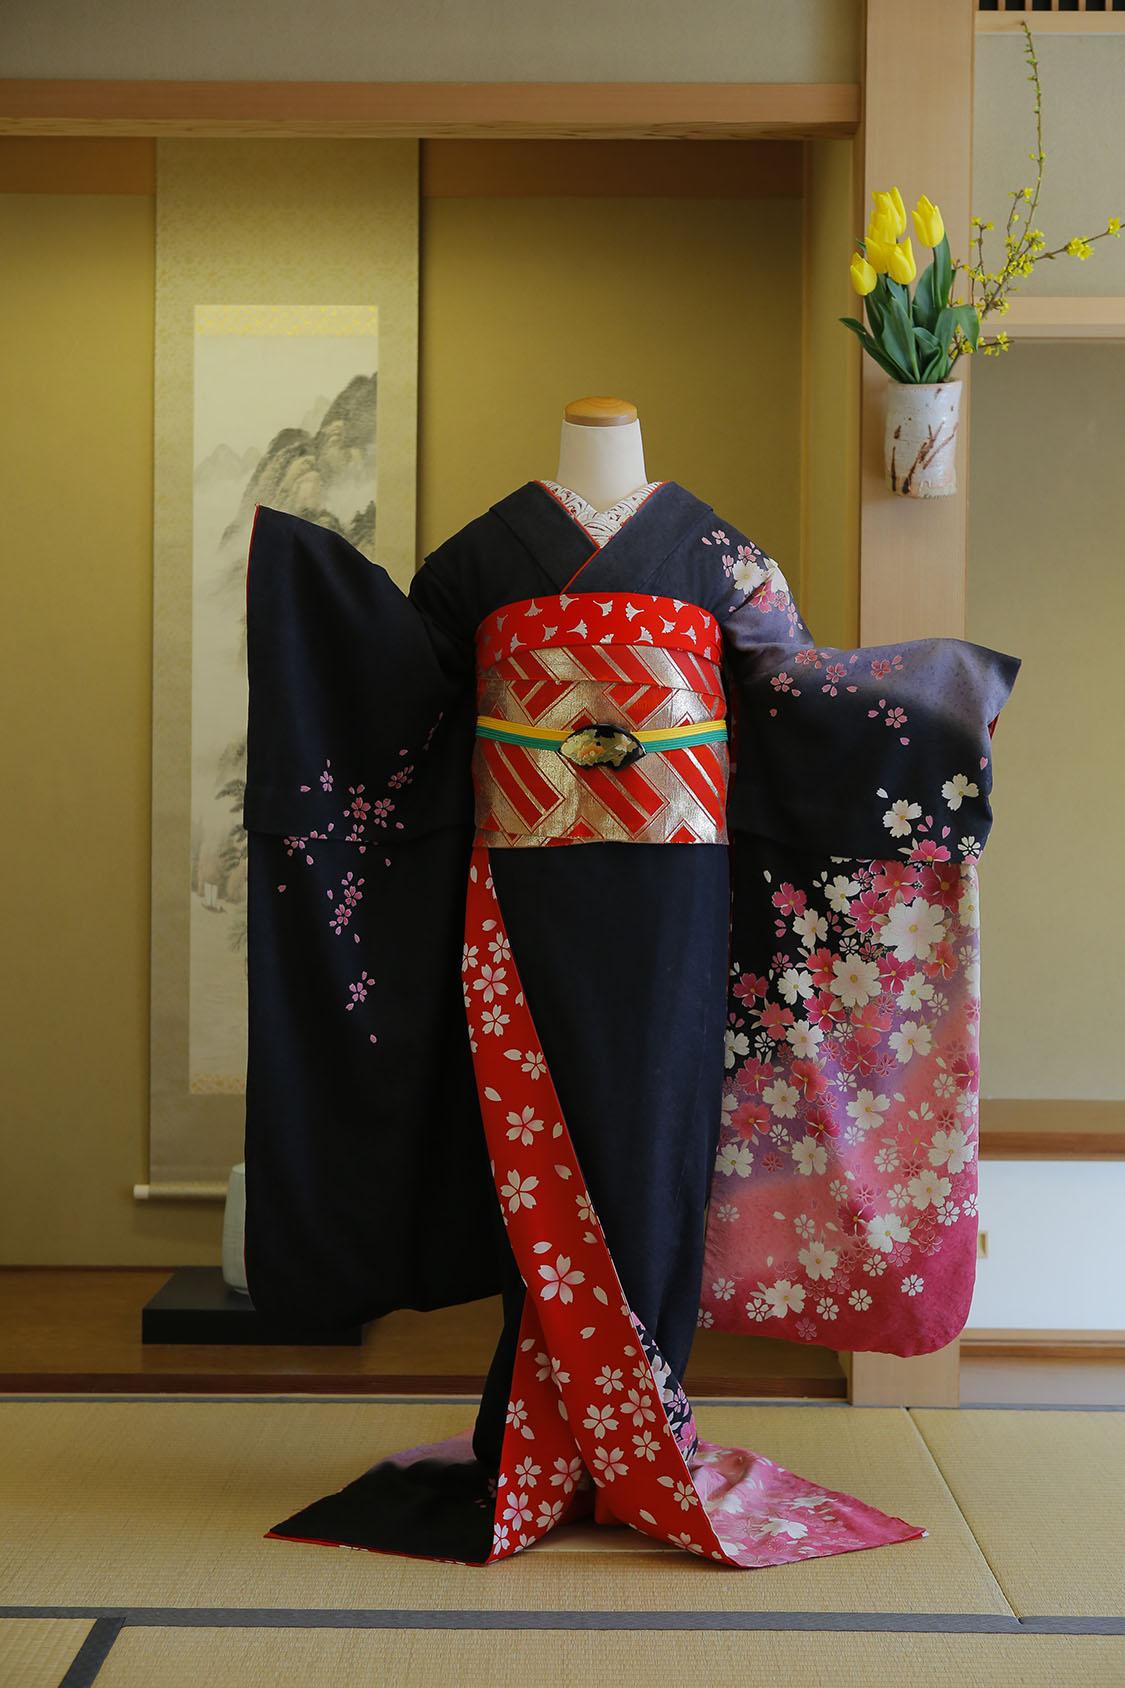 赤地檜垣紋